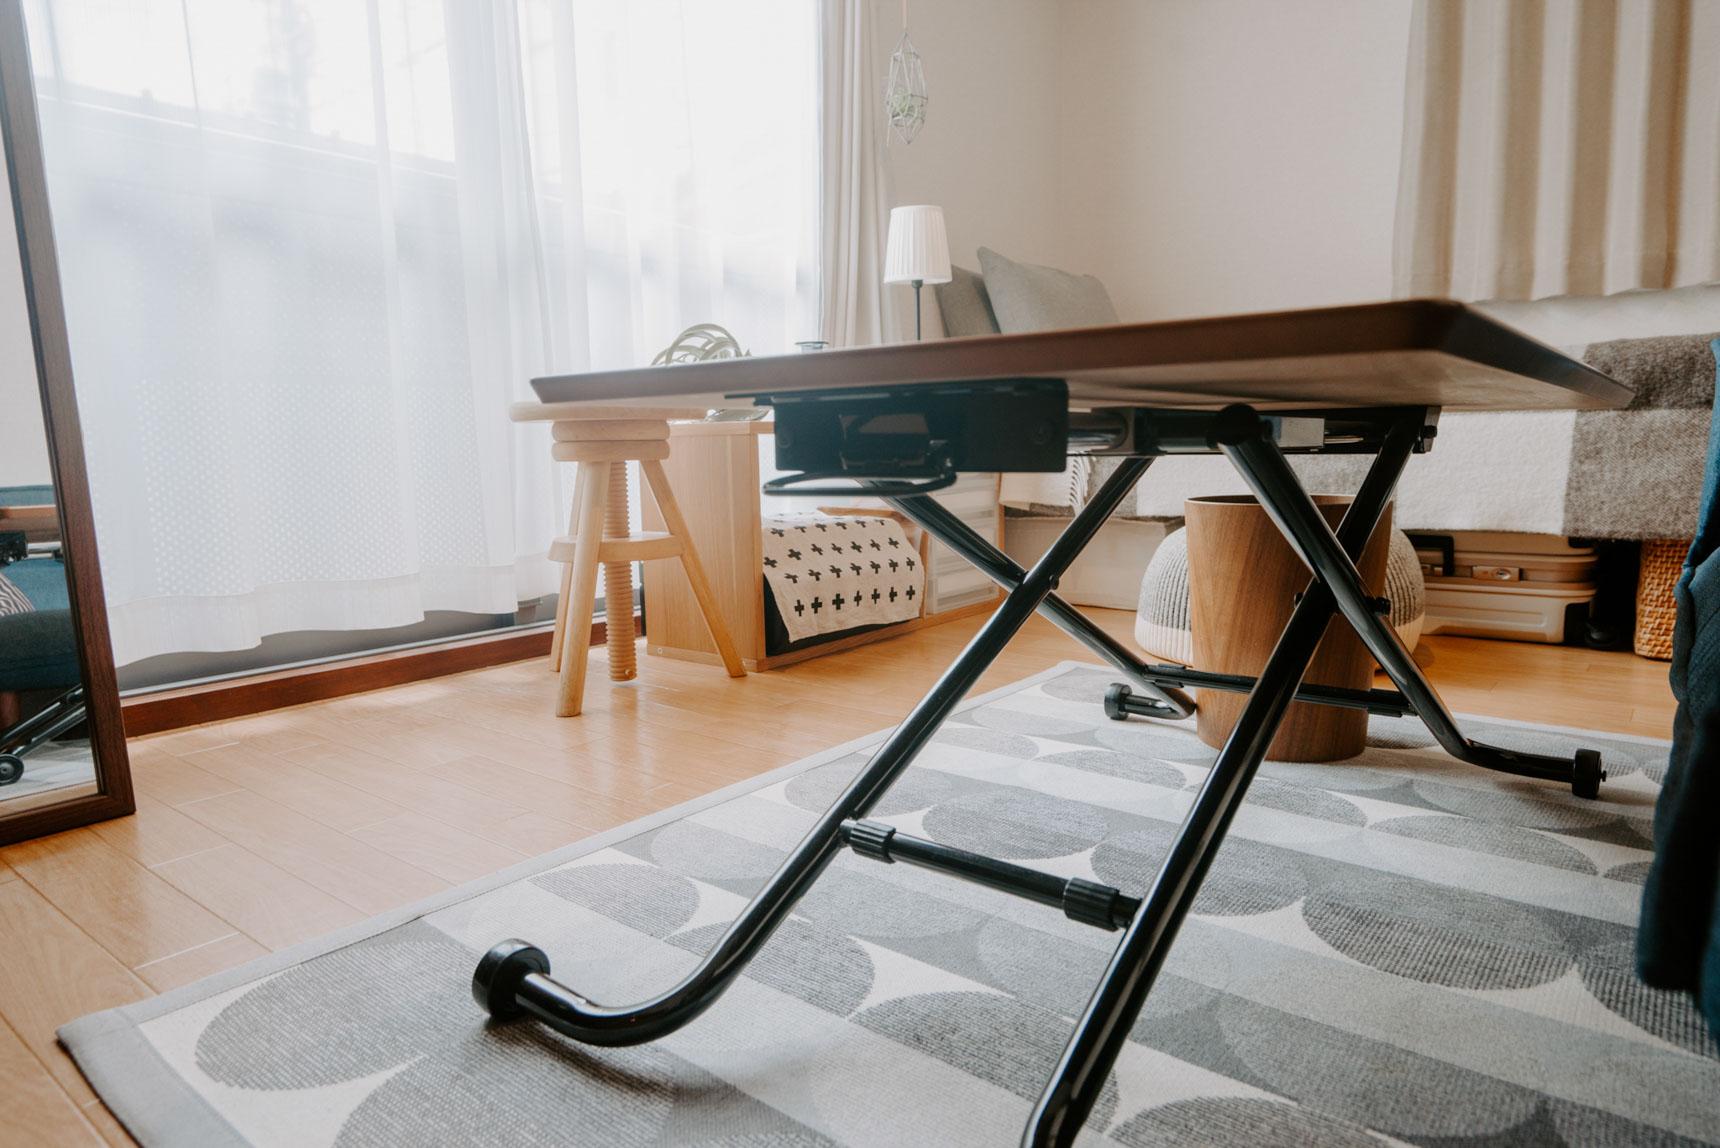 ソファの前のテーブルは、NOCEのアジャスタブルテーブル。油圧式で簡単に高さが変えられ、ローテーブルと仕事用のデスクを兼ねています。天板を一番下までおろせばソファの下にしまうこともできてしまう、優れもの。これ、いいなぁ。